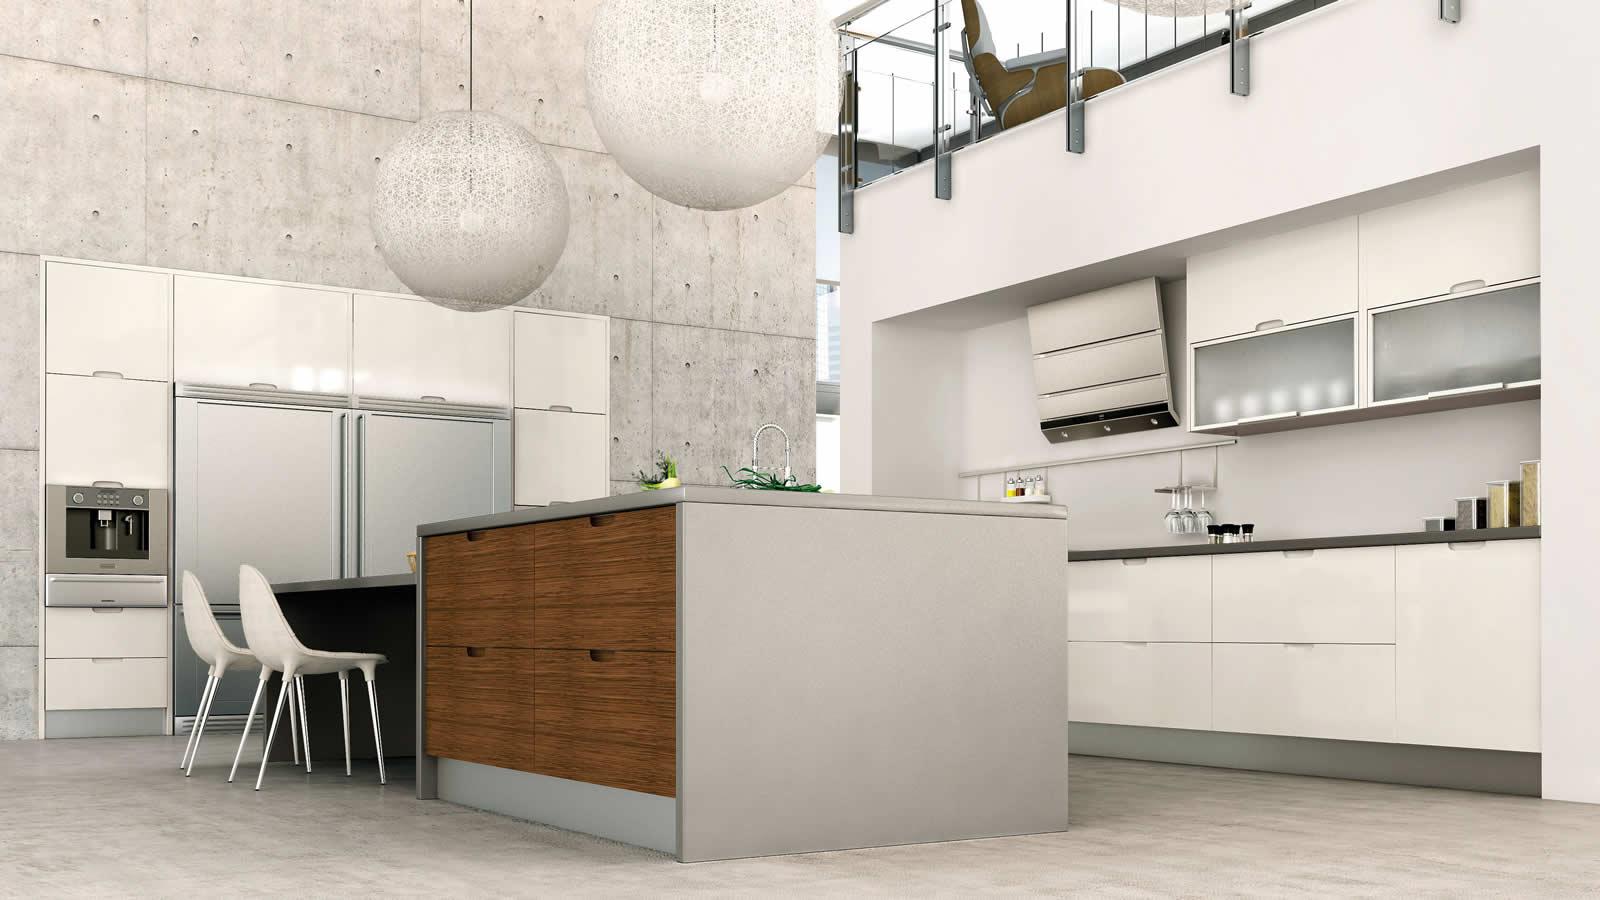 Muebles de cocina en lacado blanco y madera for Mueble mesa cocina